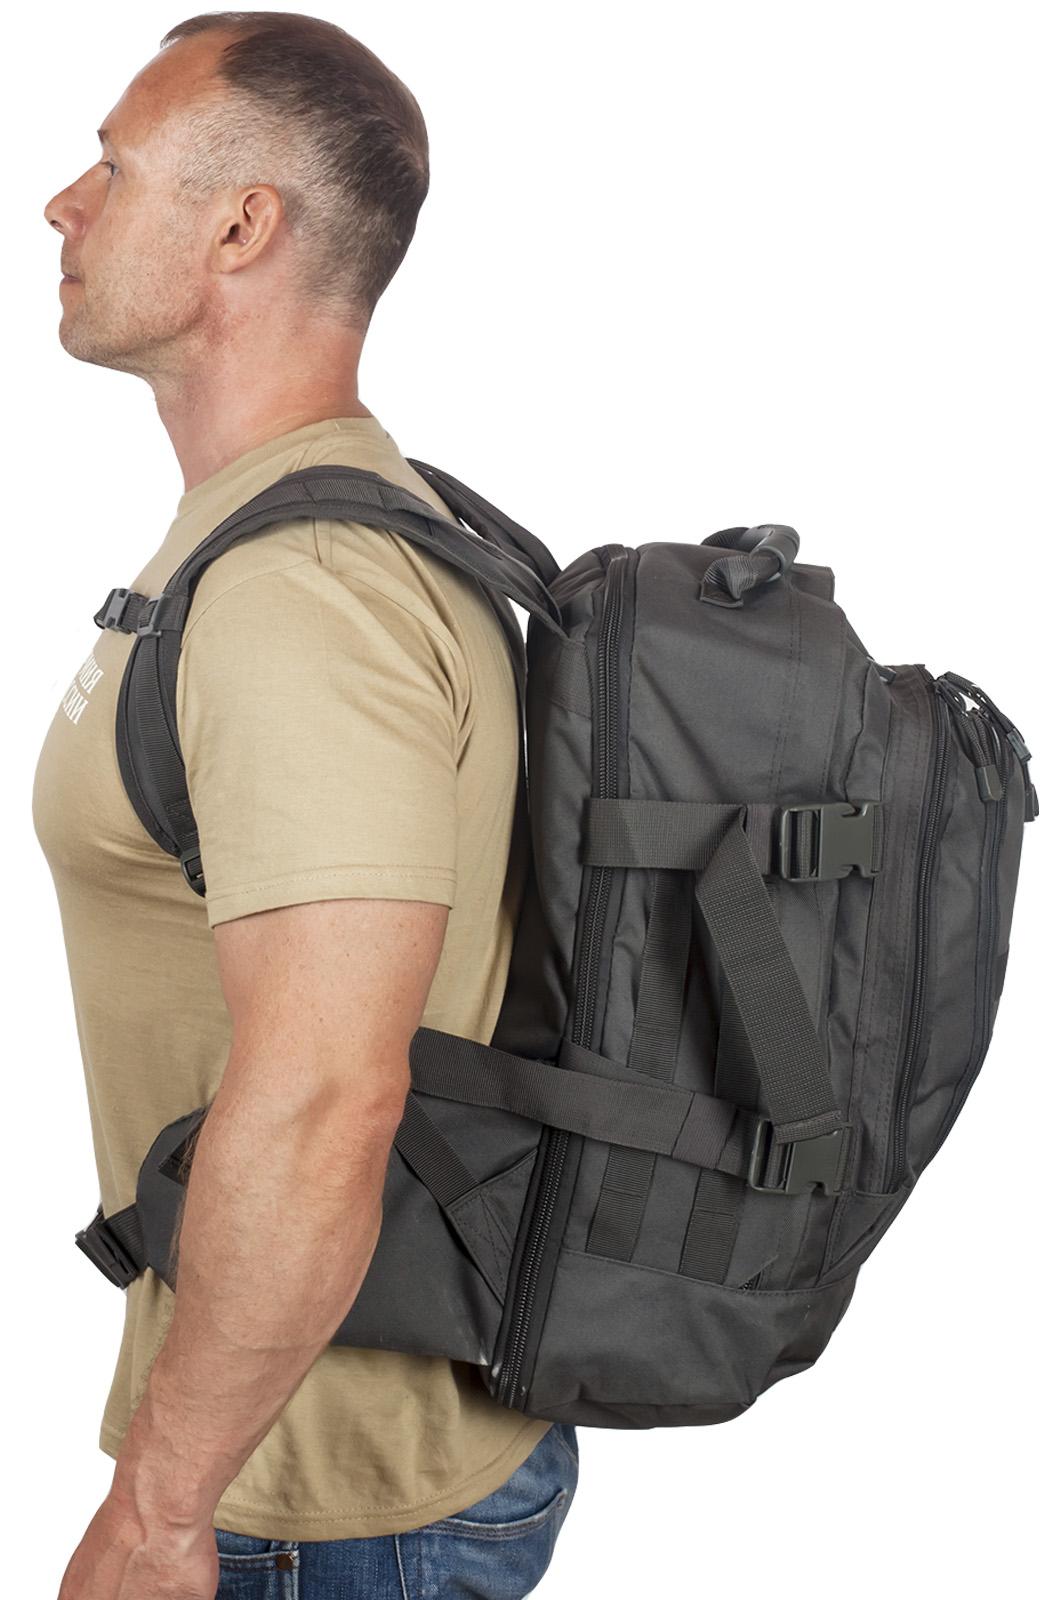 Универсальный крутой рюкзак с нашивкой Русская Охота - заказать онлайн